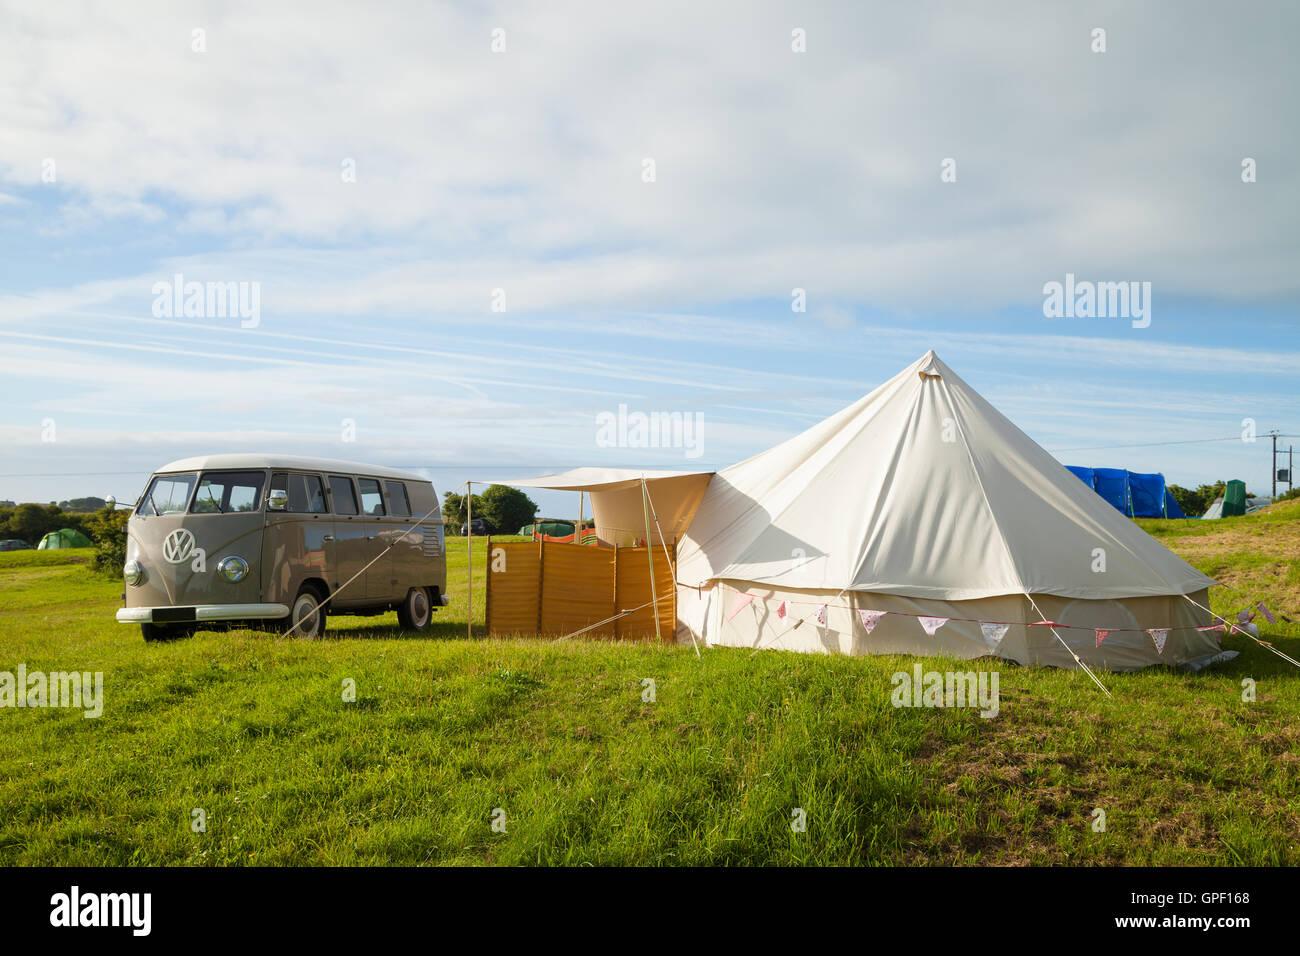 Ein VW Wohnmobil und Zelt in einem englischen Campingplatz. Stockbild